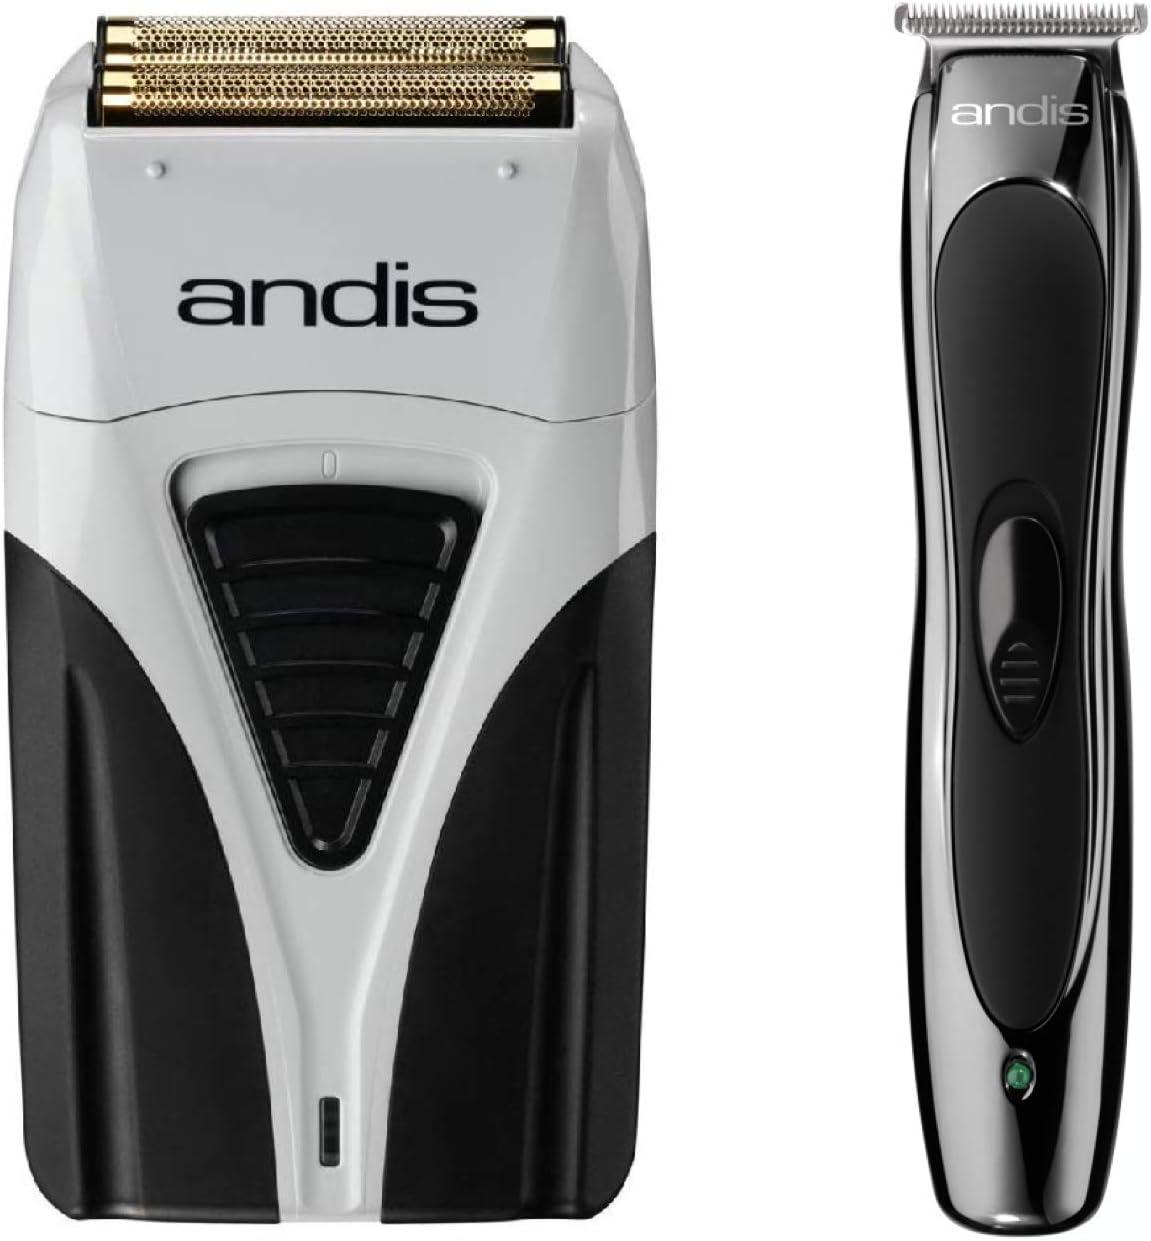 Andis 17200 Profoil Lithium Plus - Máquina de afeitar de láminas de titanio, cable/inalámbrico y Andis Litio Slimline ion Combo recortadora inalámbrica: Amazon.es: Belleza